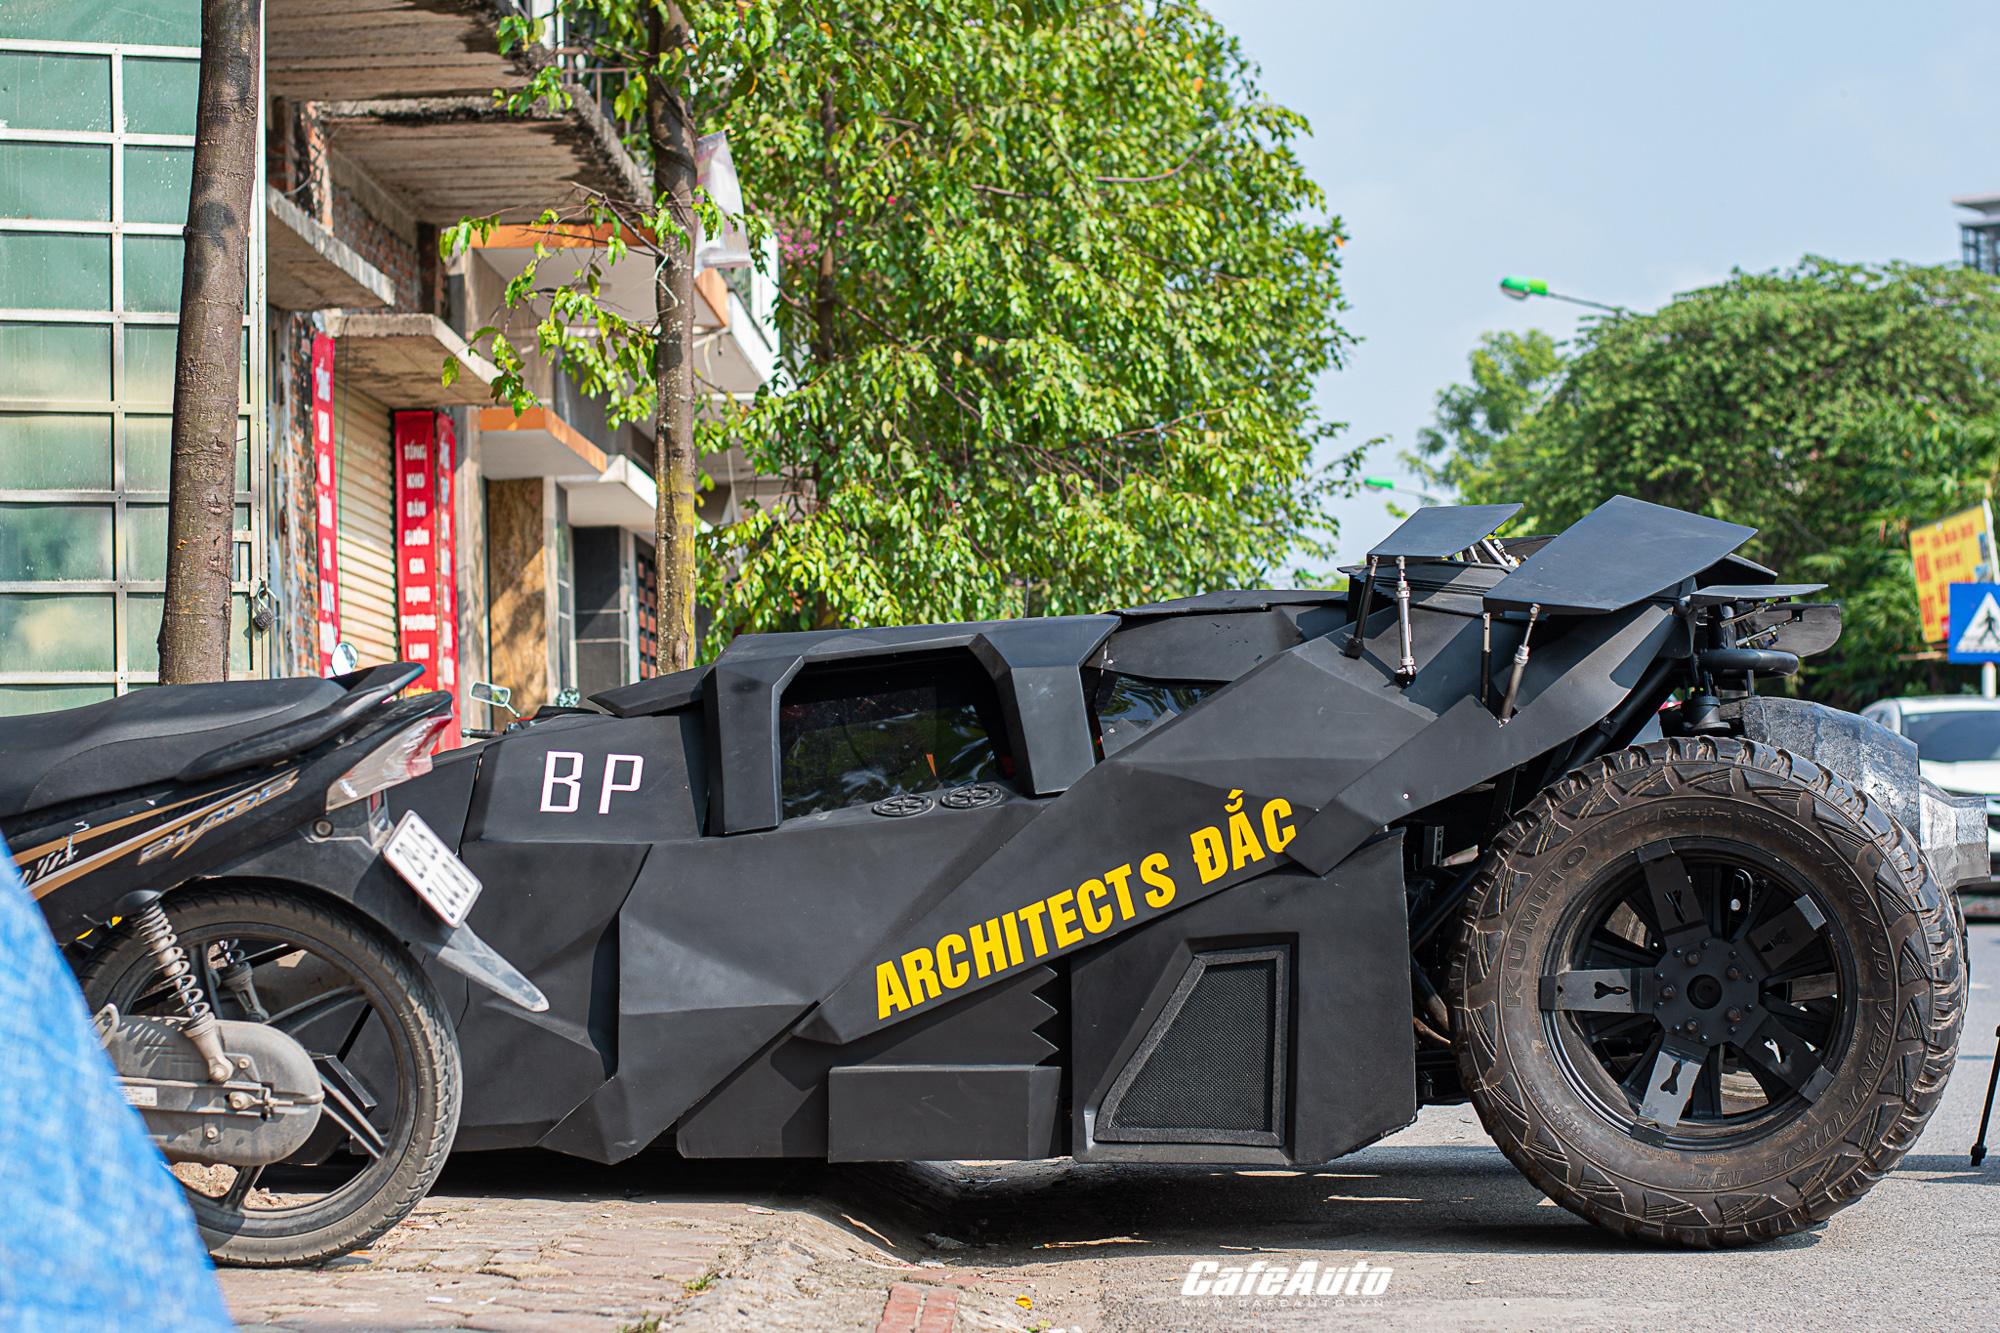 batmobiletuche-cafeautovn-10